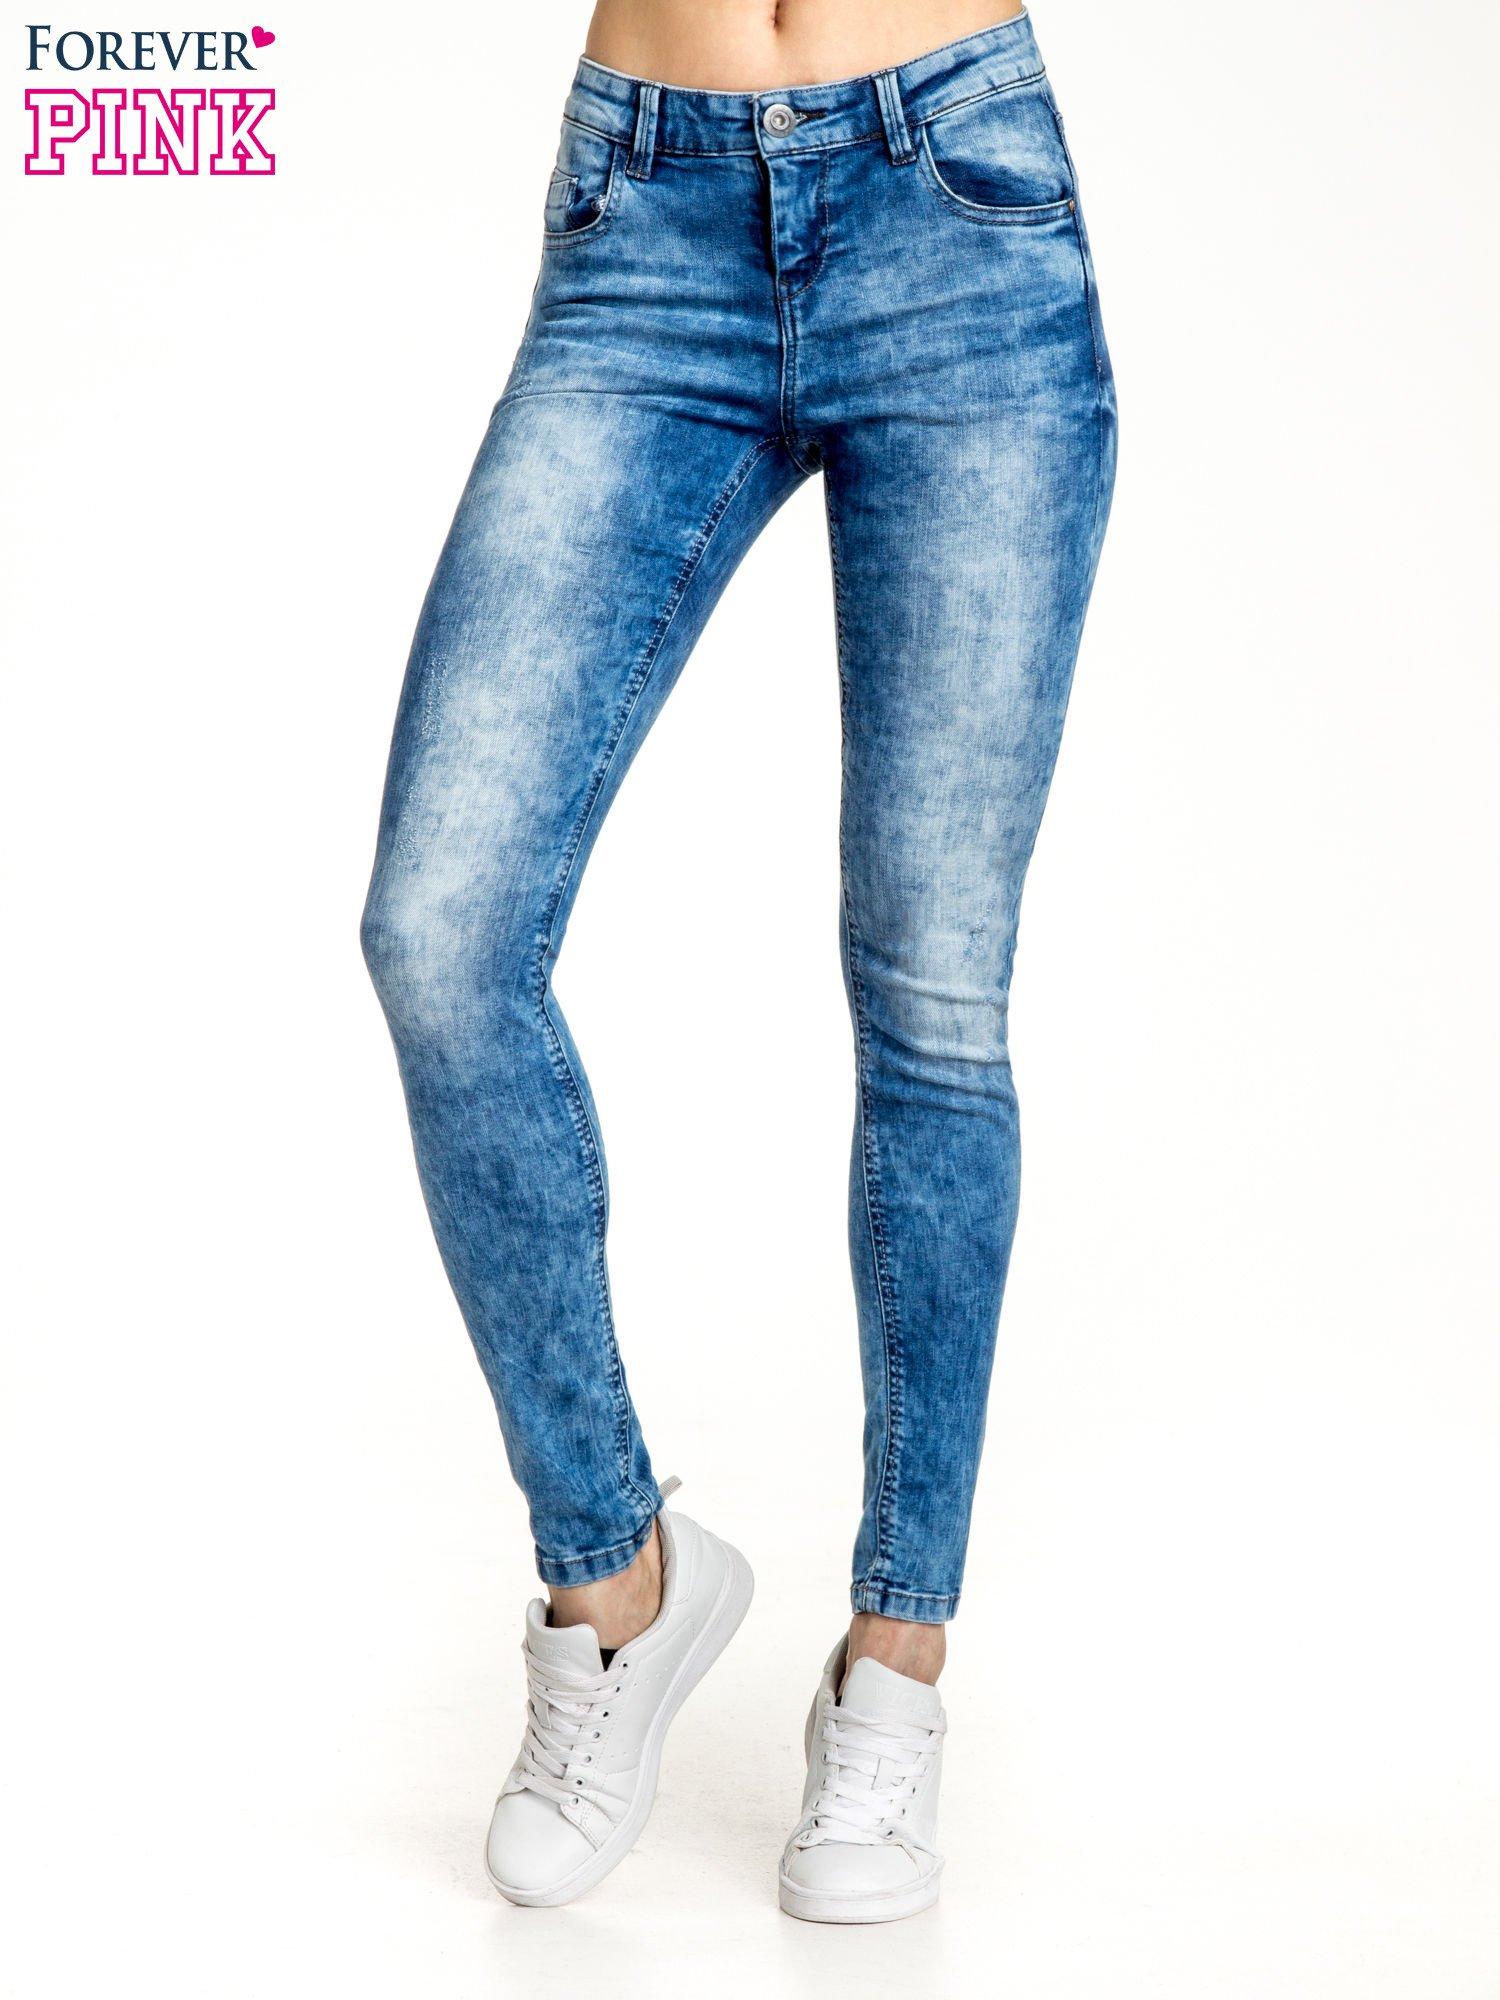 Ciemnoniebieskie spodnie jeansowe skinny z lekkim dekatyzowaniem                                  zdj.                                  1